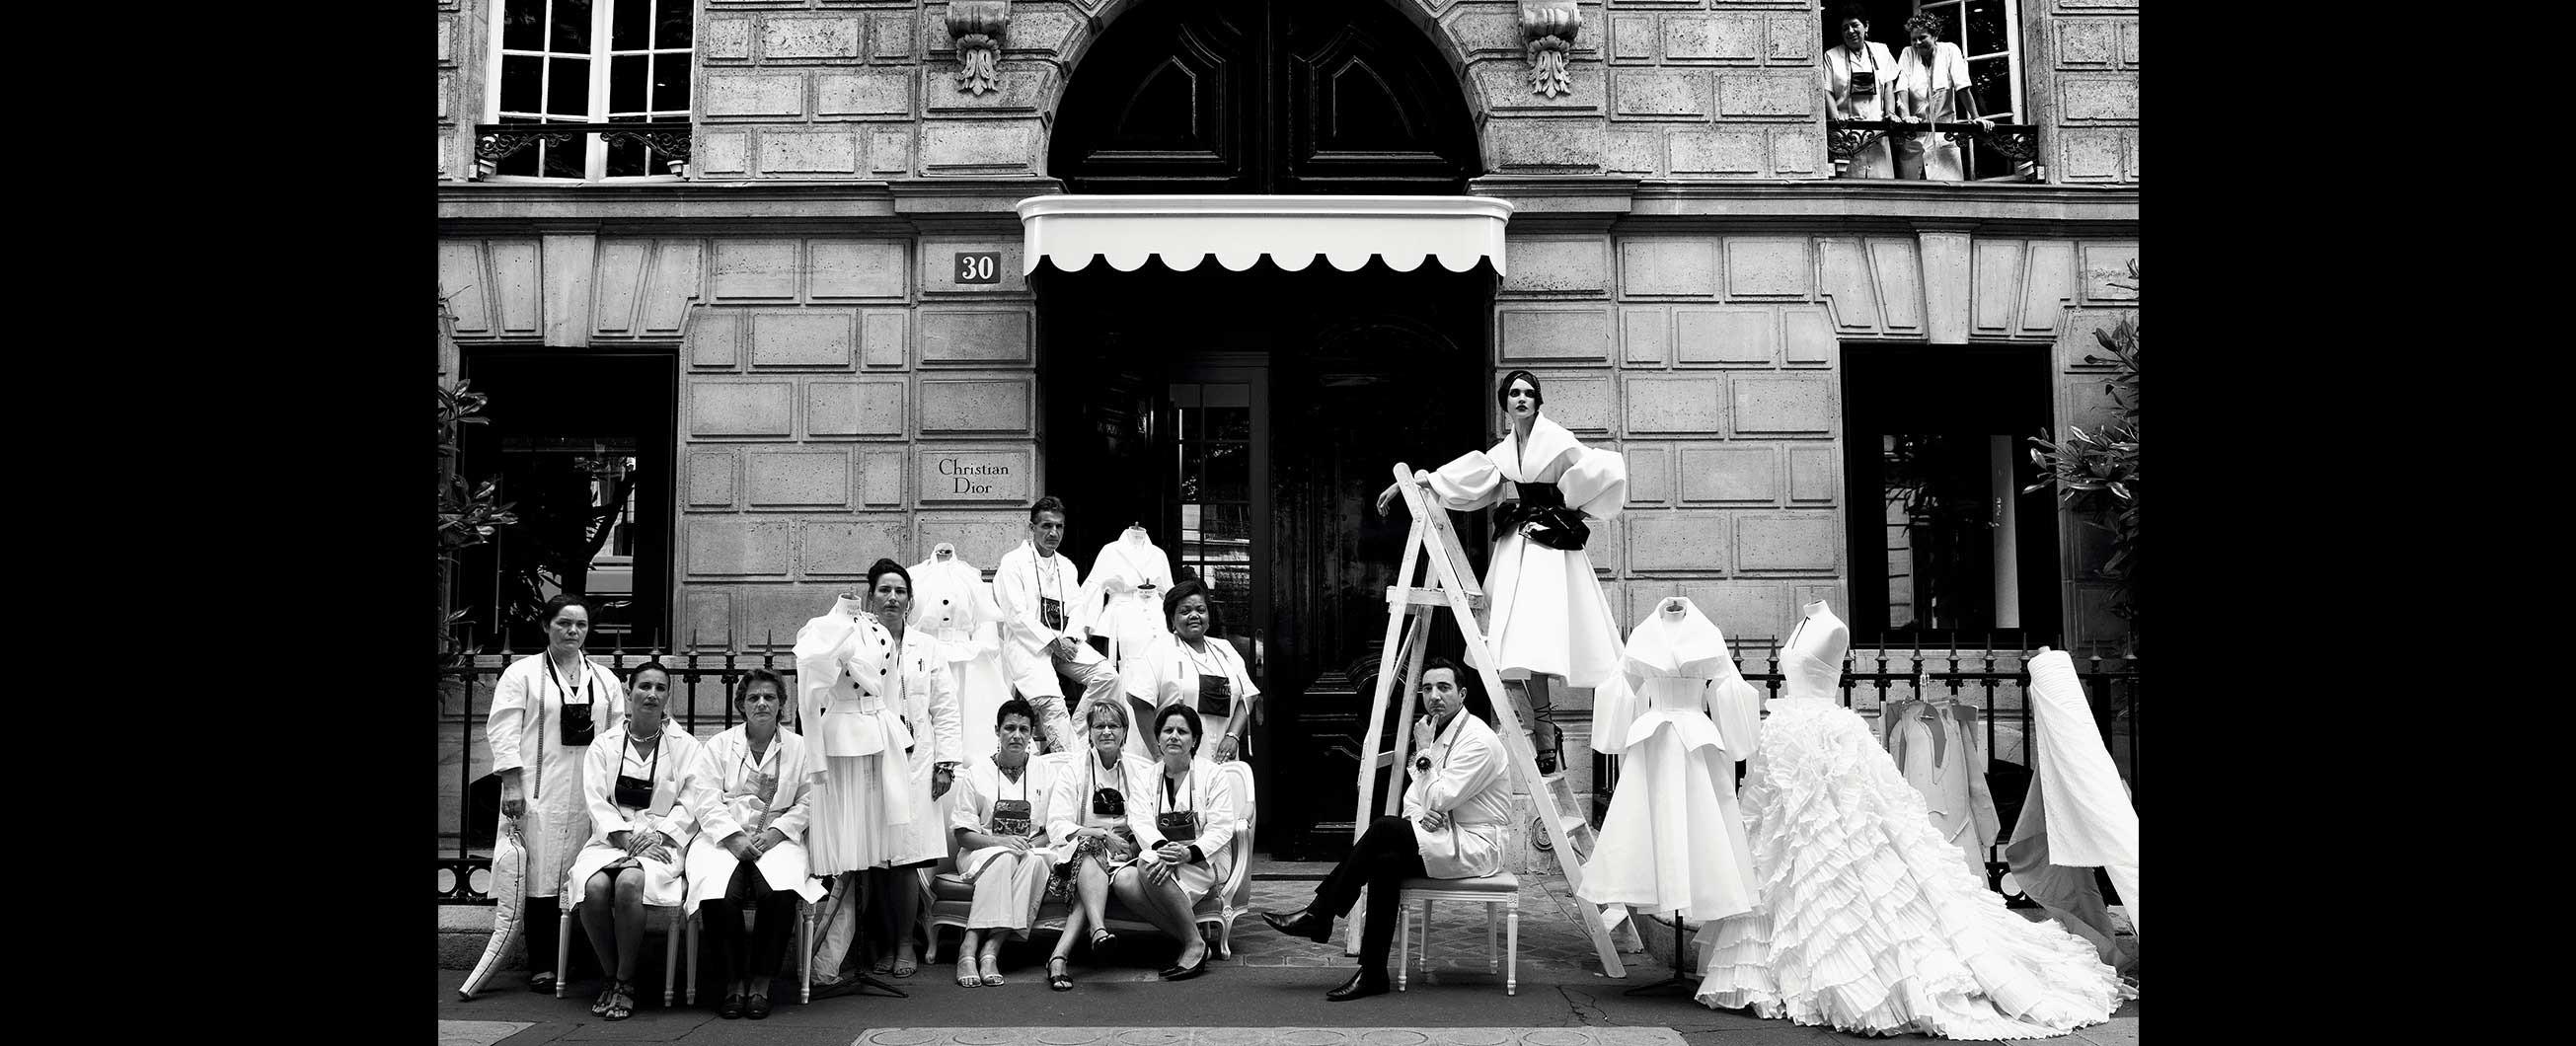 Революции в Dior: как менялся модный дом с приходом новых дизайнеров